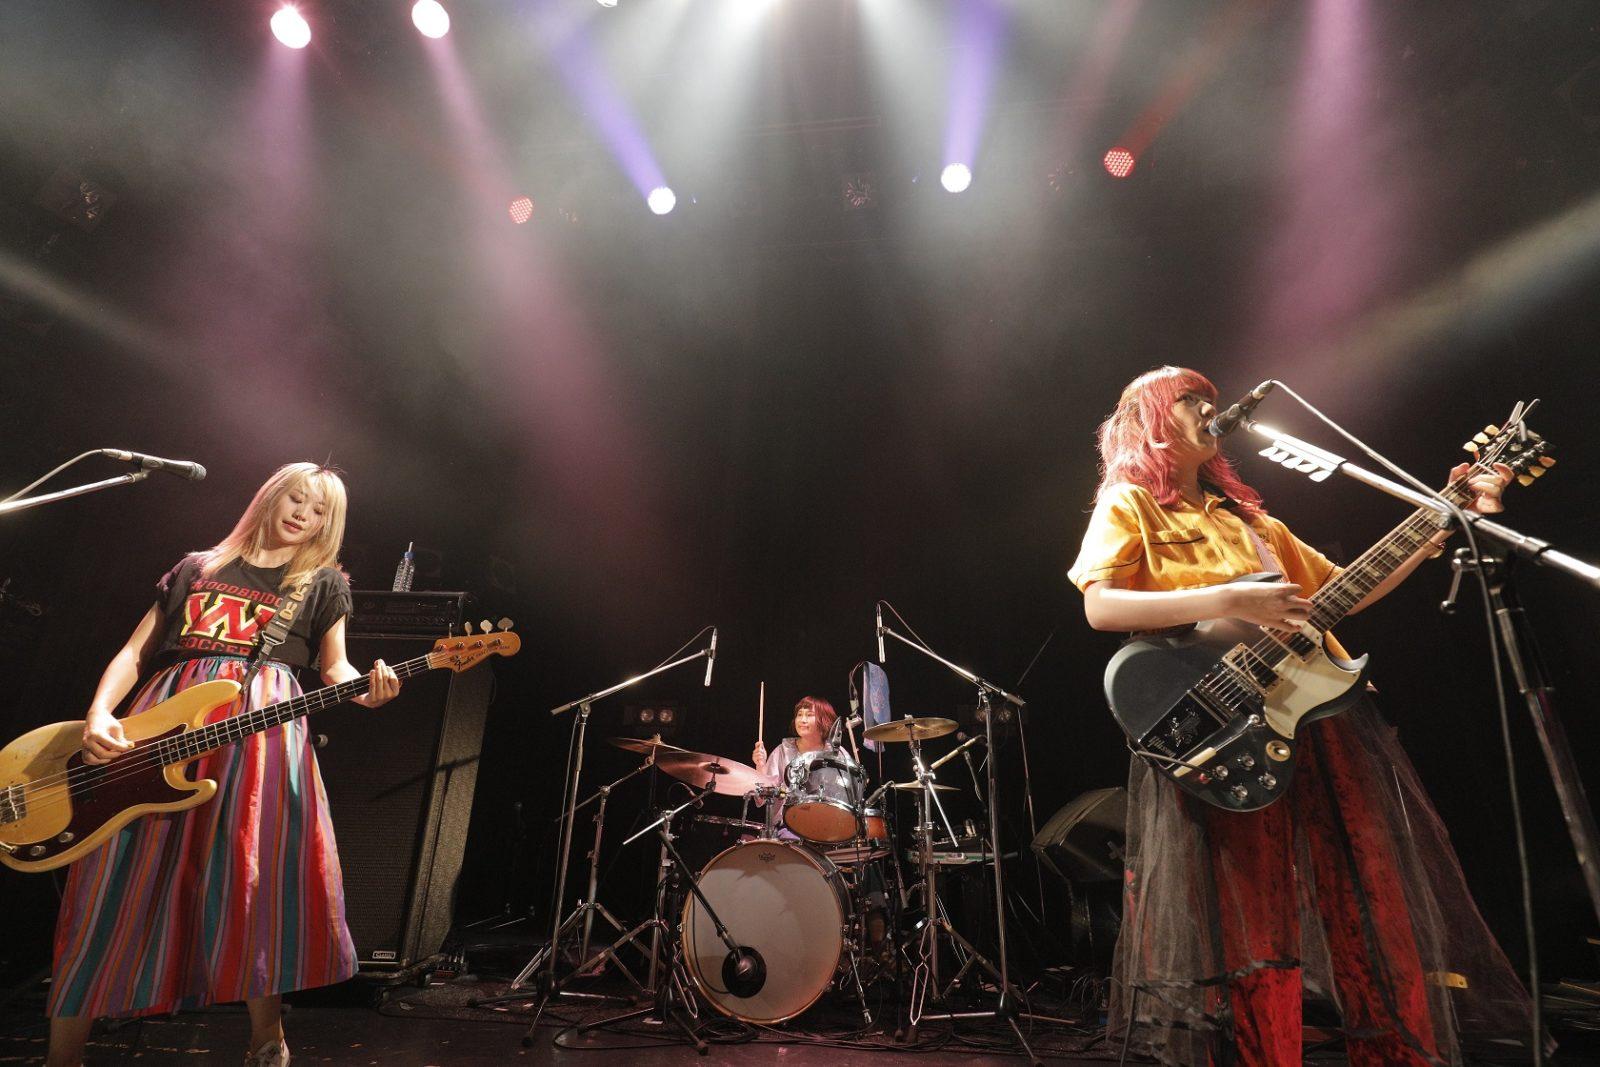 the peggies「ひよっこ」でも好演中の古舘佑太郎新バンド「2」を迎えた自主企画ライブ「ダブダブdeベビベビ」を開催サムネイル画像!